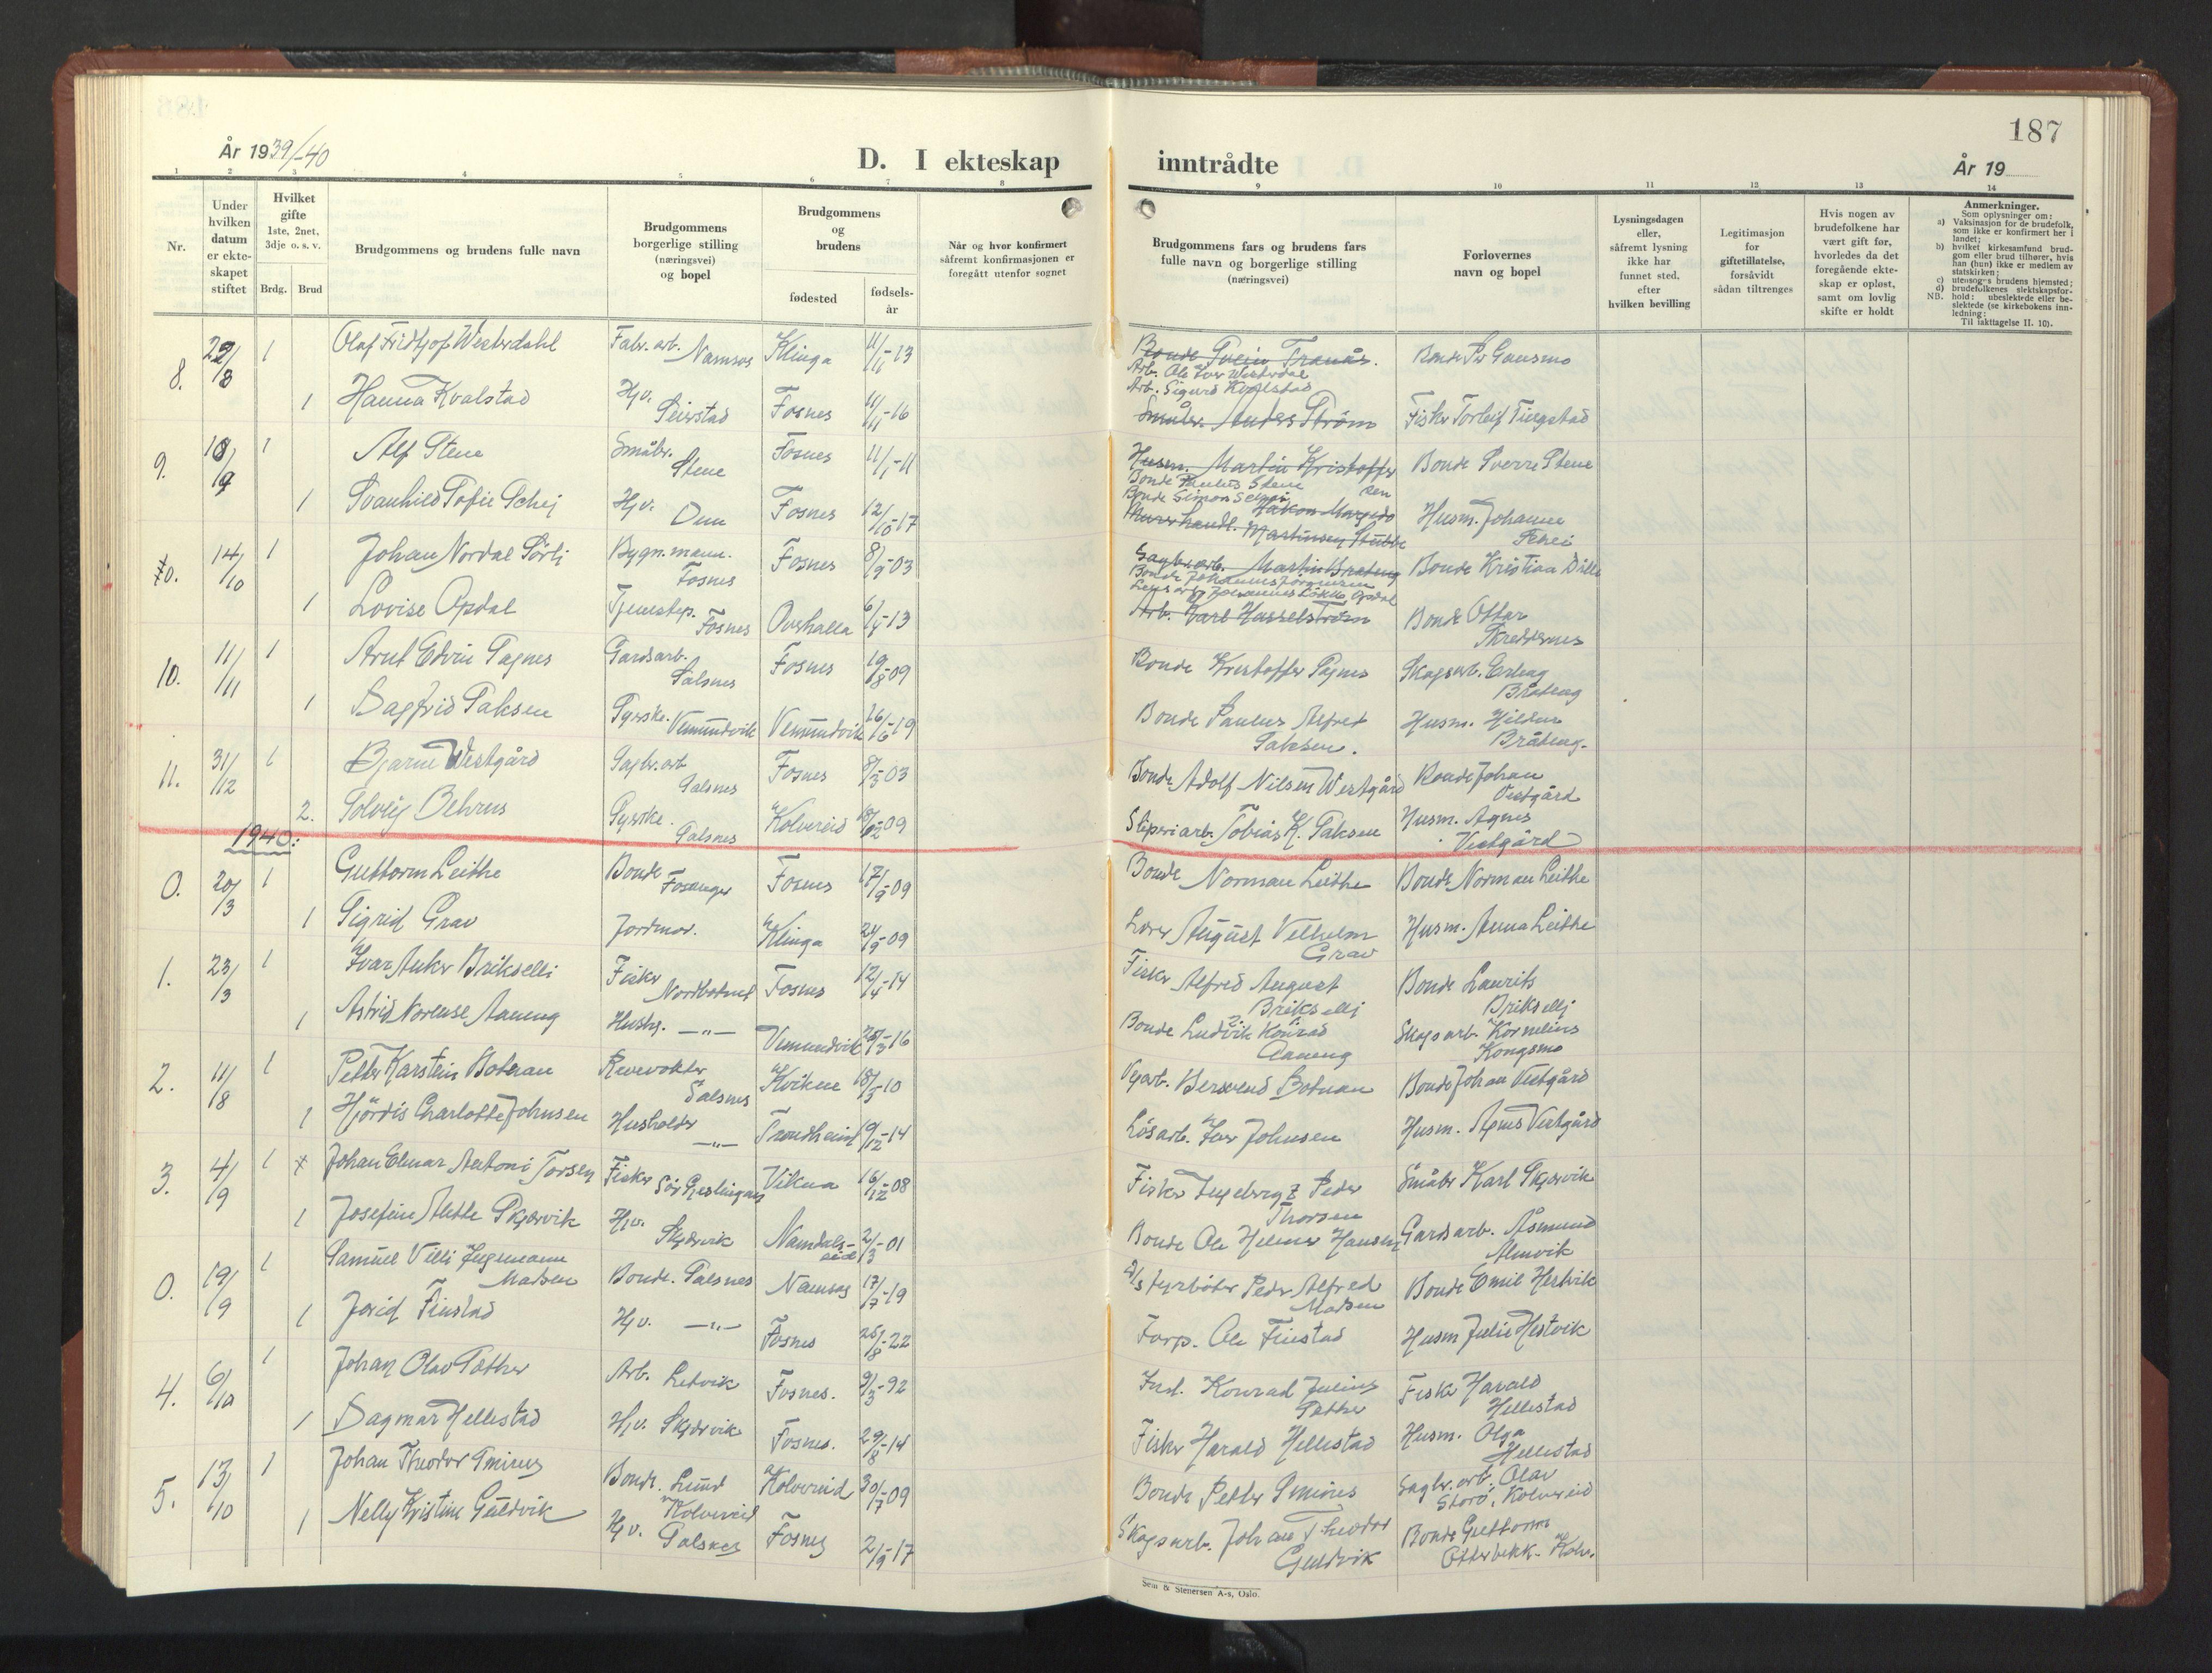 SAT, Ministerialprotokoller, klokkerbøker og fødselsregistre - Nord-Trøndelag, 773/L0625: Klokkerbok nr. 773C01, 1910-1952, s. 187